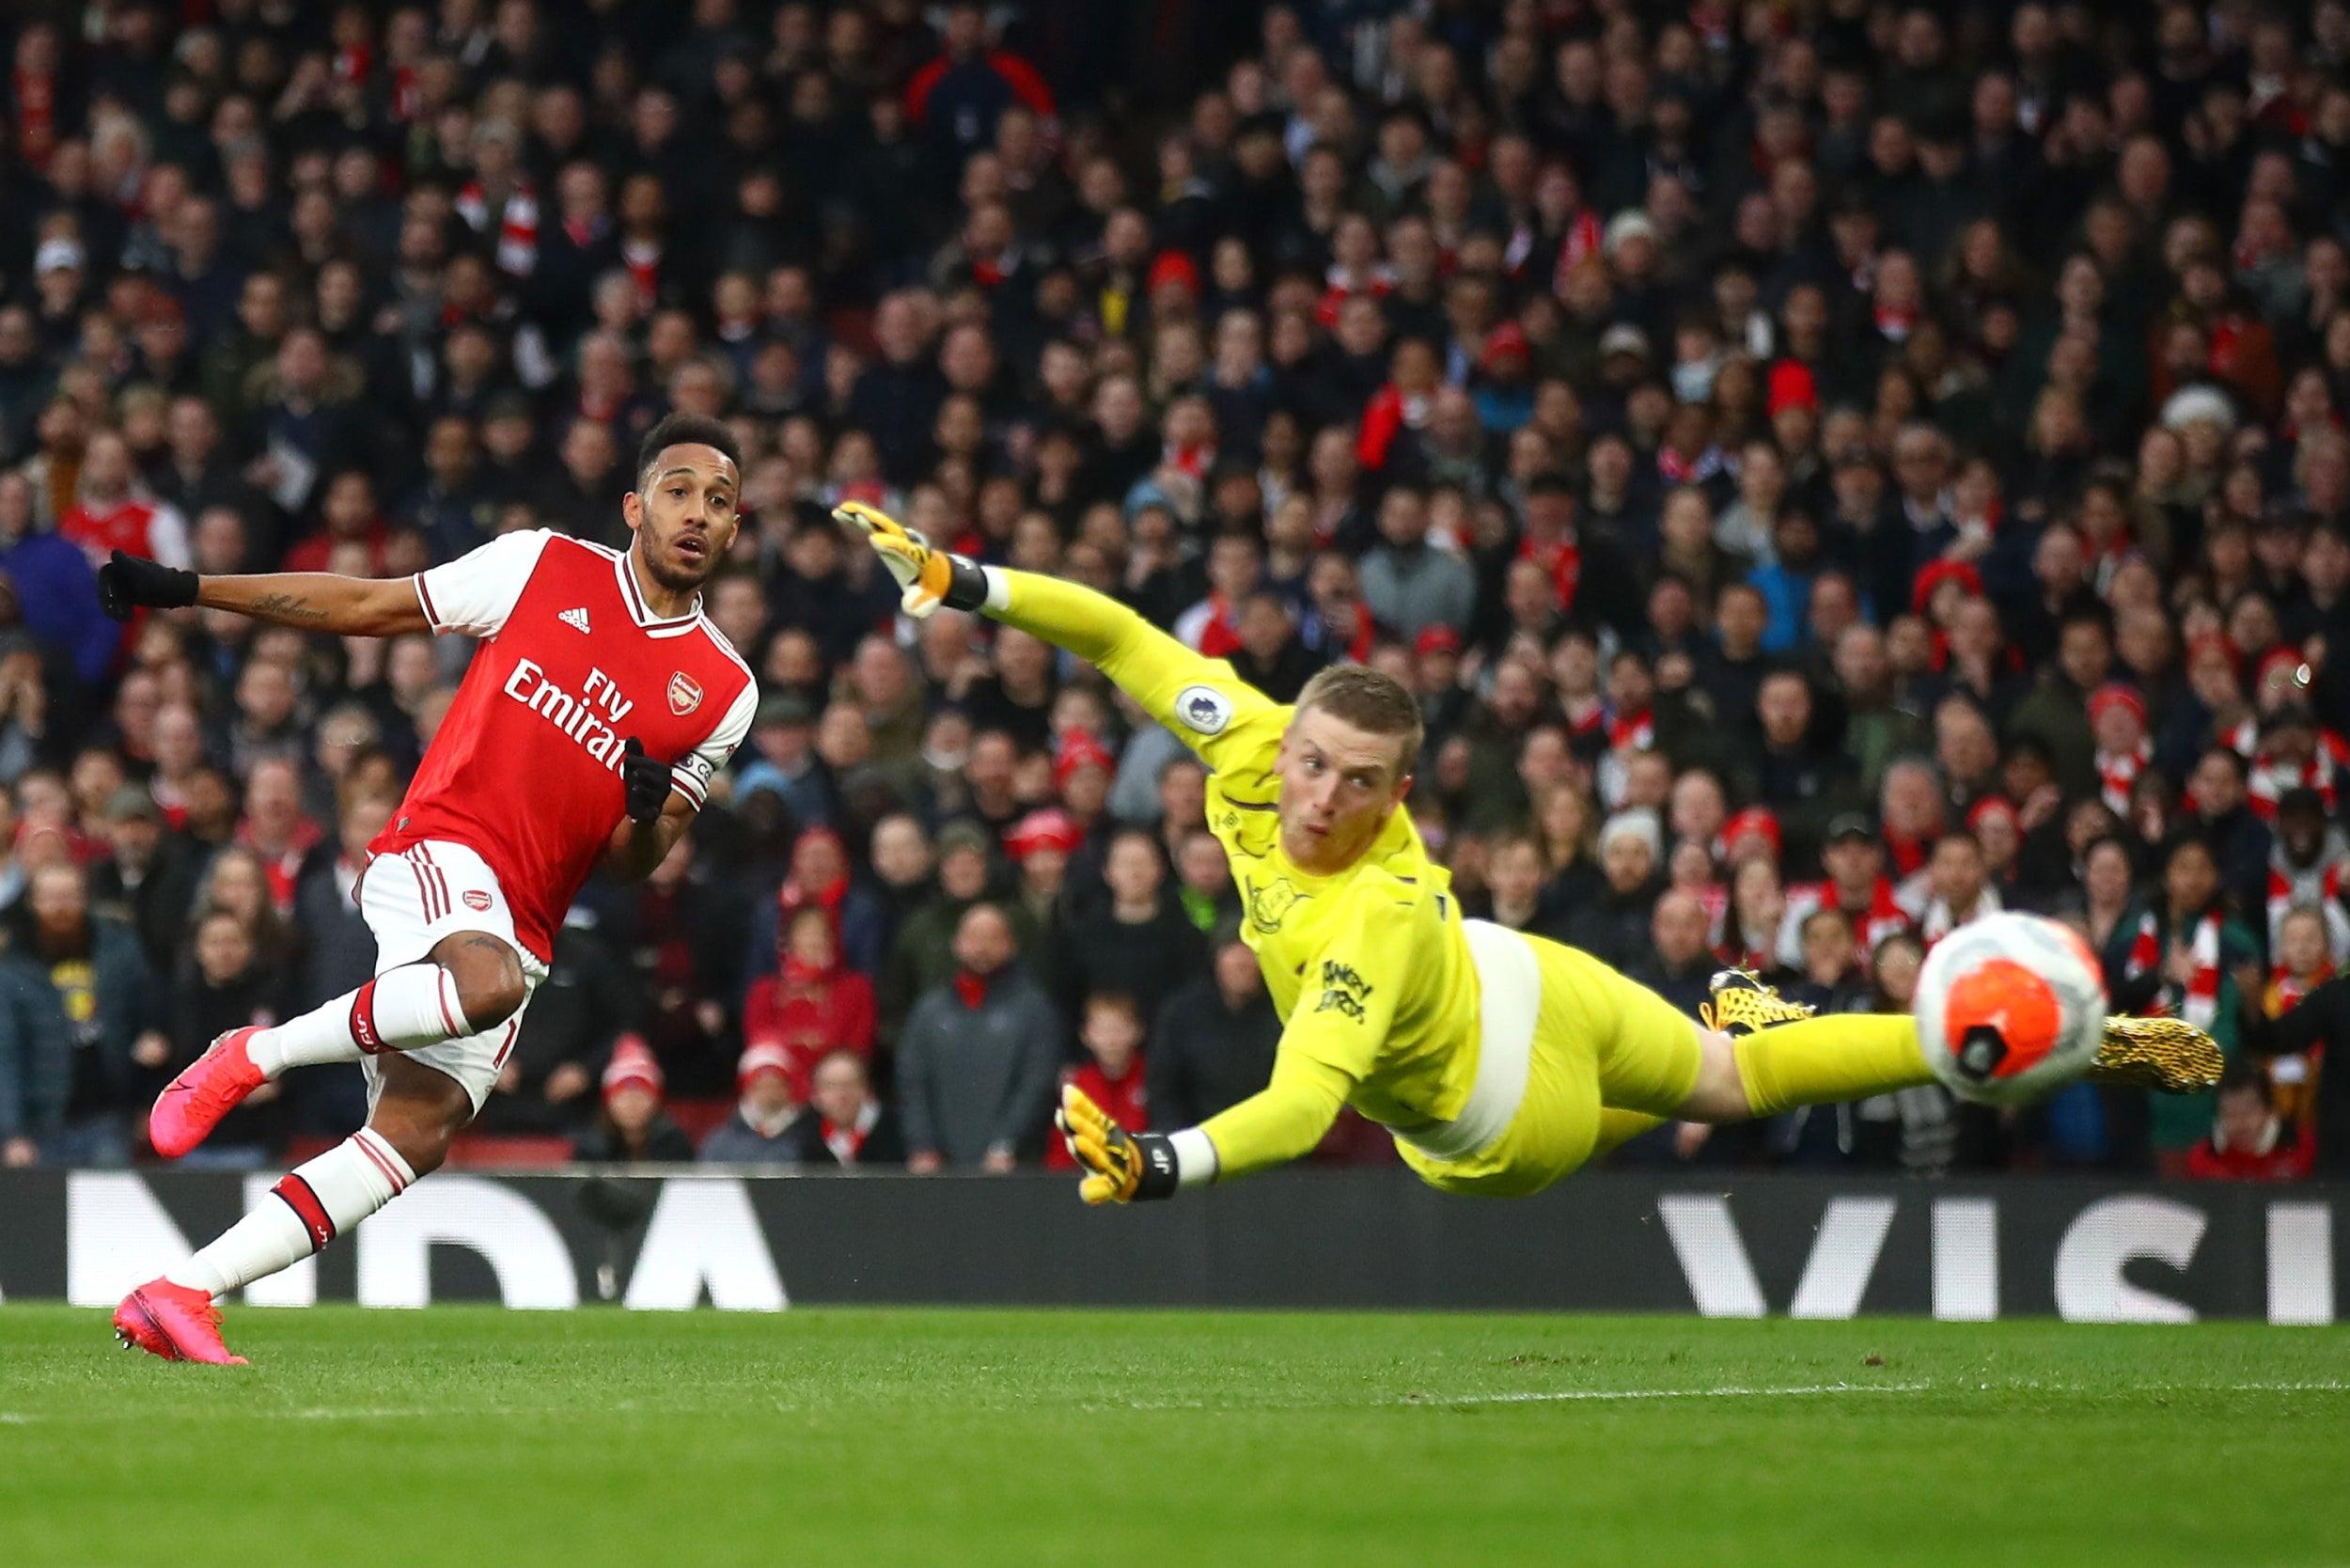 Арсенал победи Евертън в драматичен мач 1